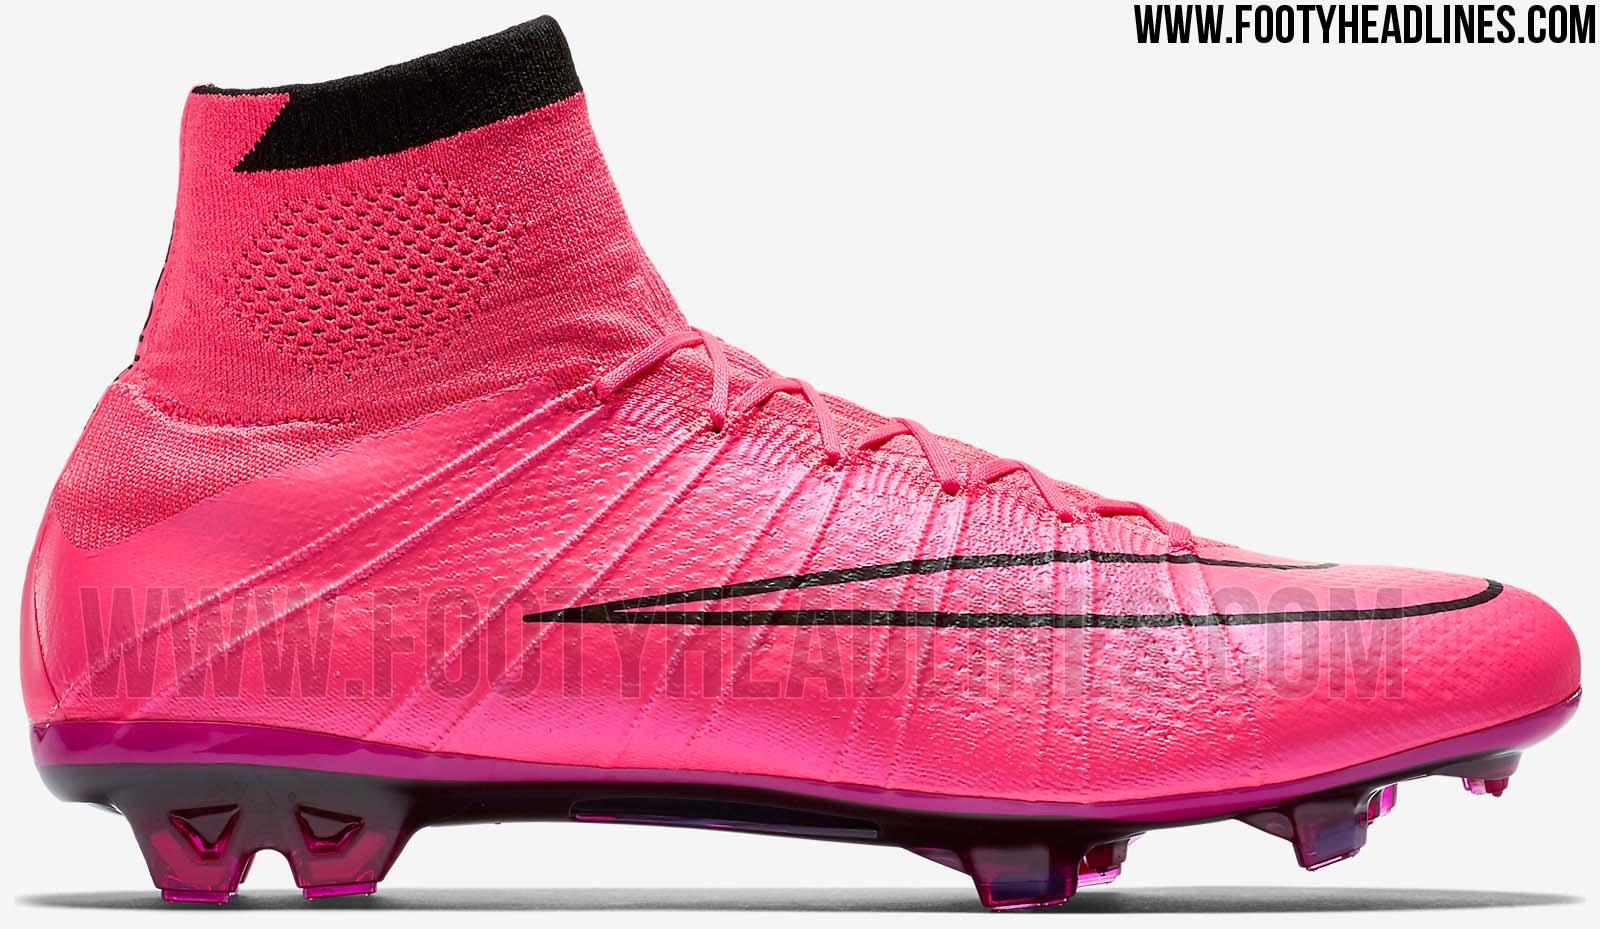 Pinke Nike Mercurial Superfly 2015 2016 Fußballschuhe